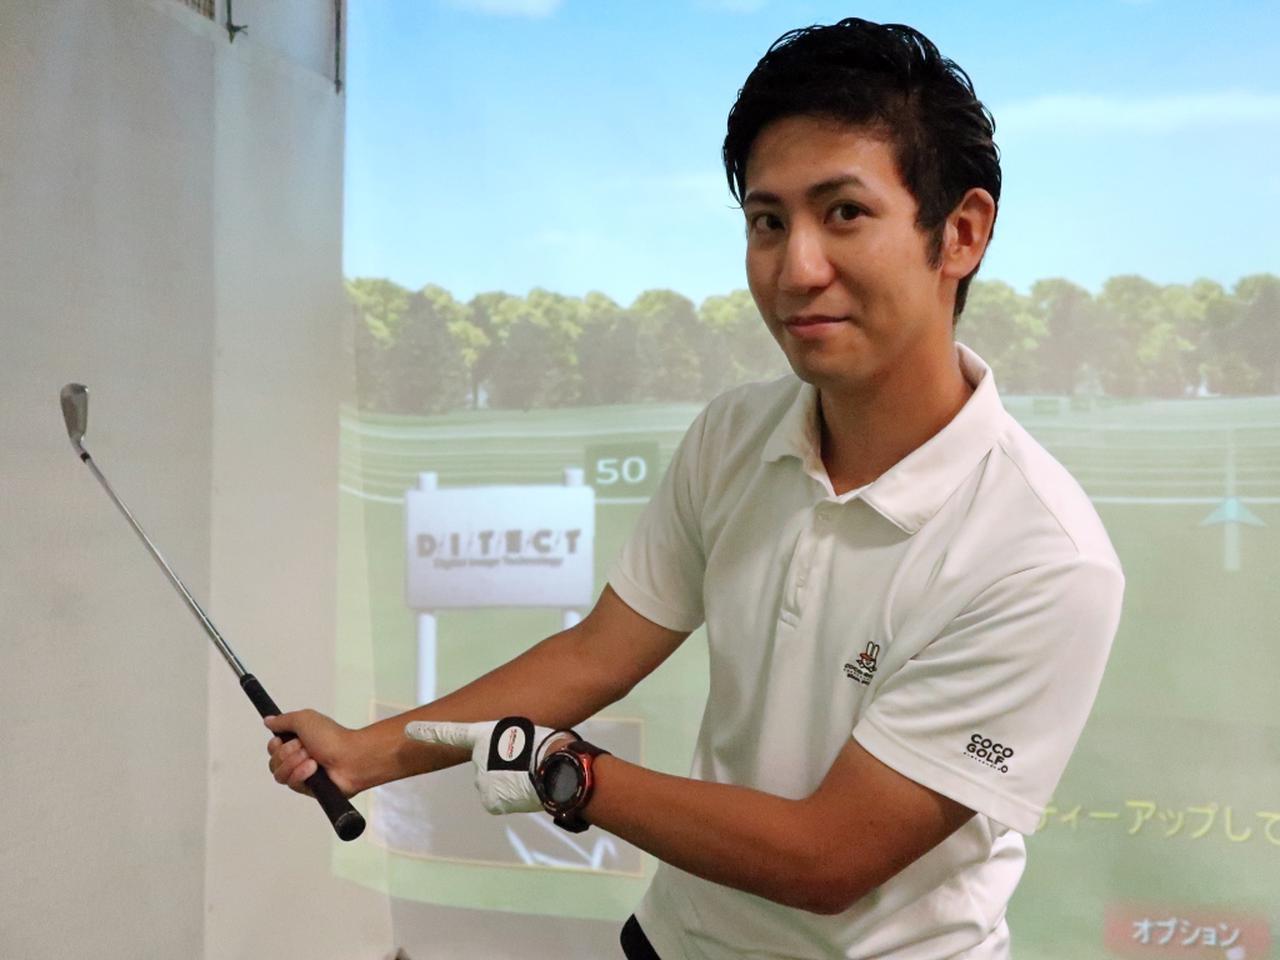 画像: 脱力するのはあくまで両手首から両肩までの筋肉。ゴルフクラブを両手で持つために最低限の握力は使う必要がある